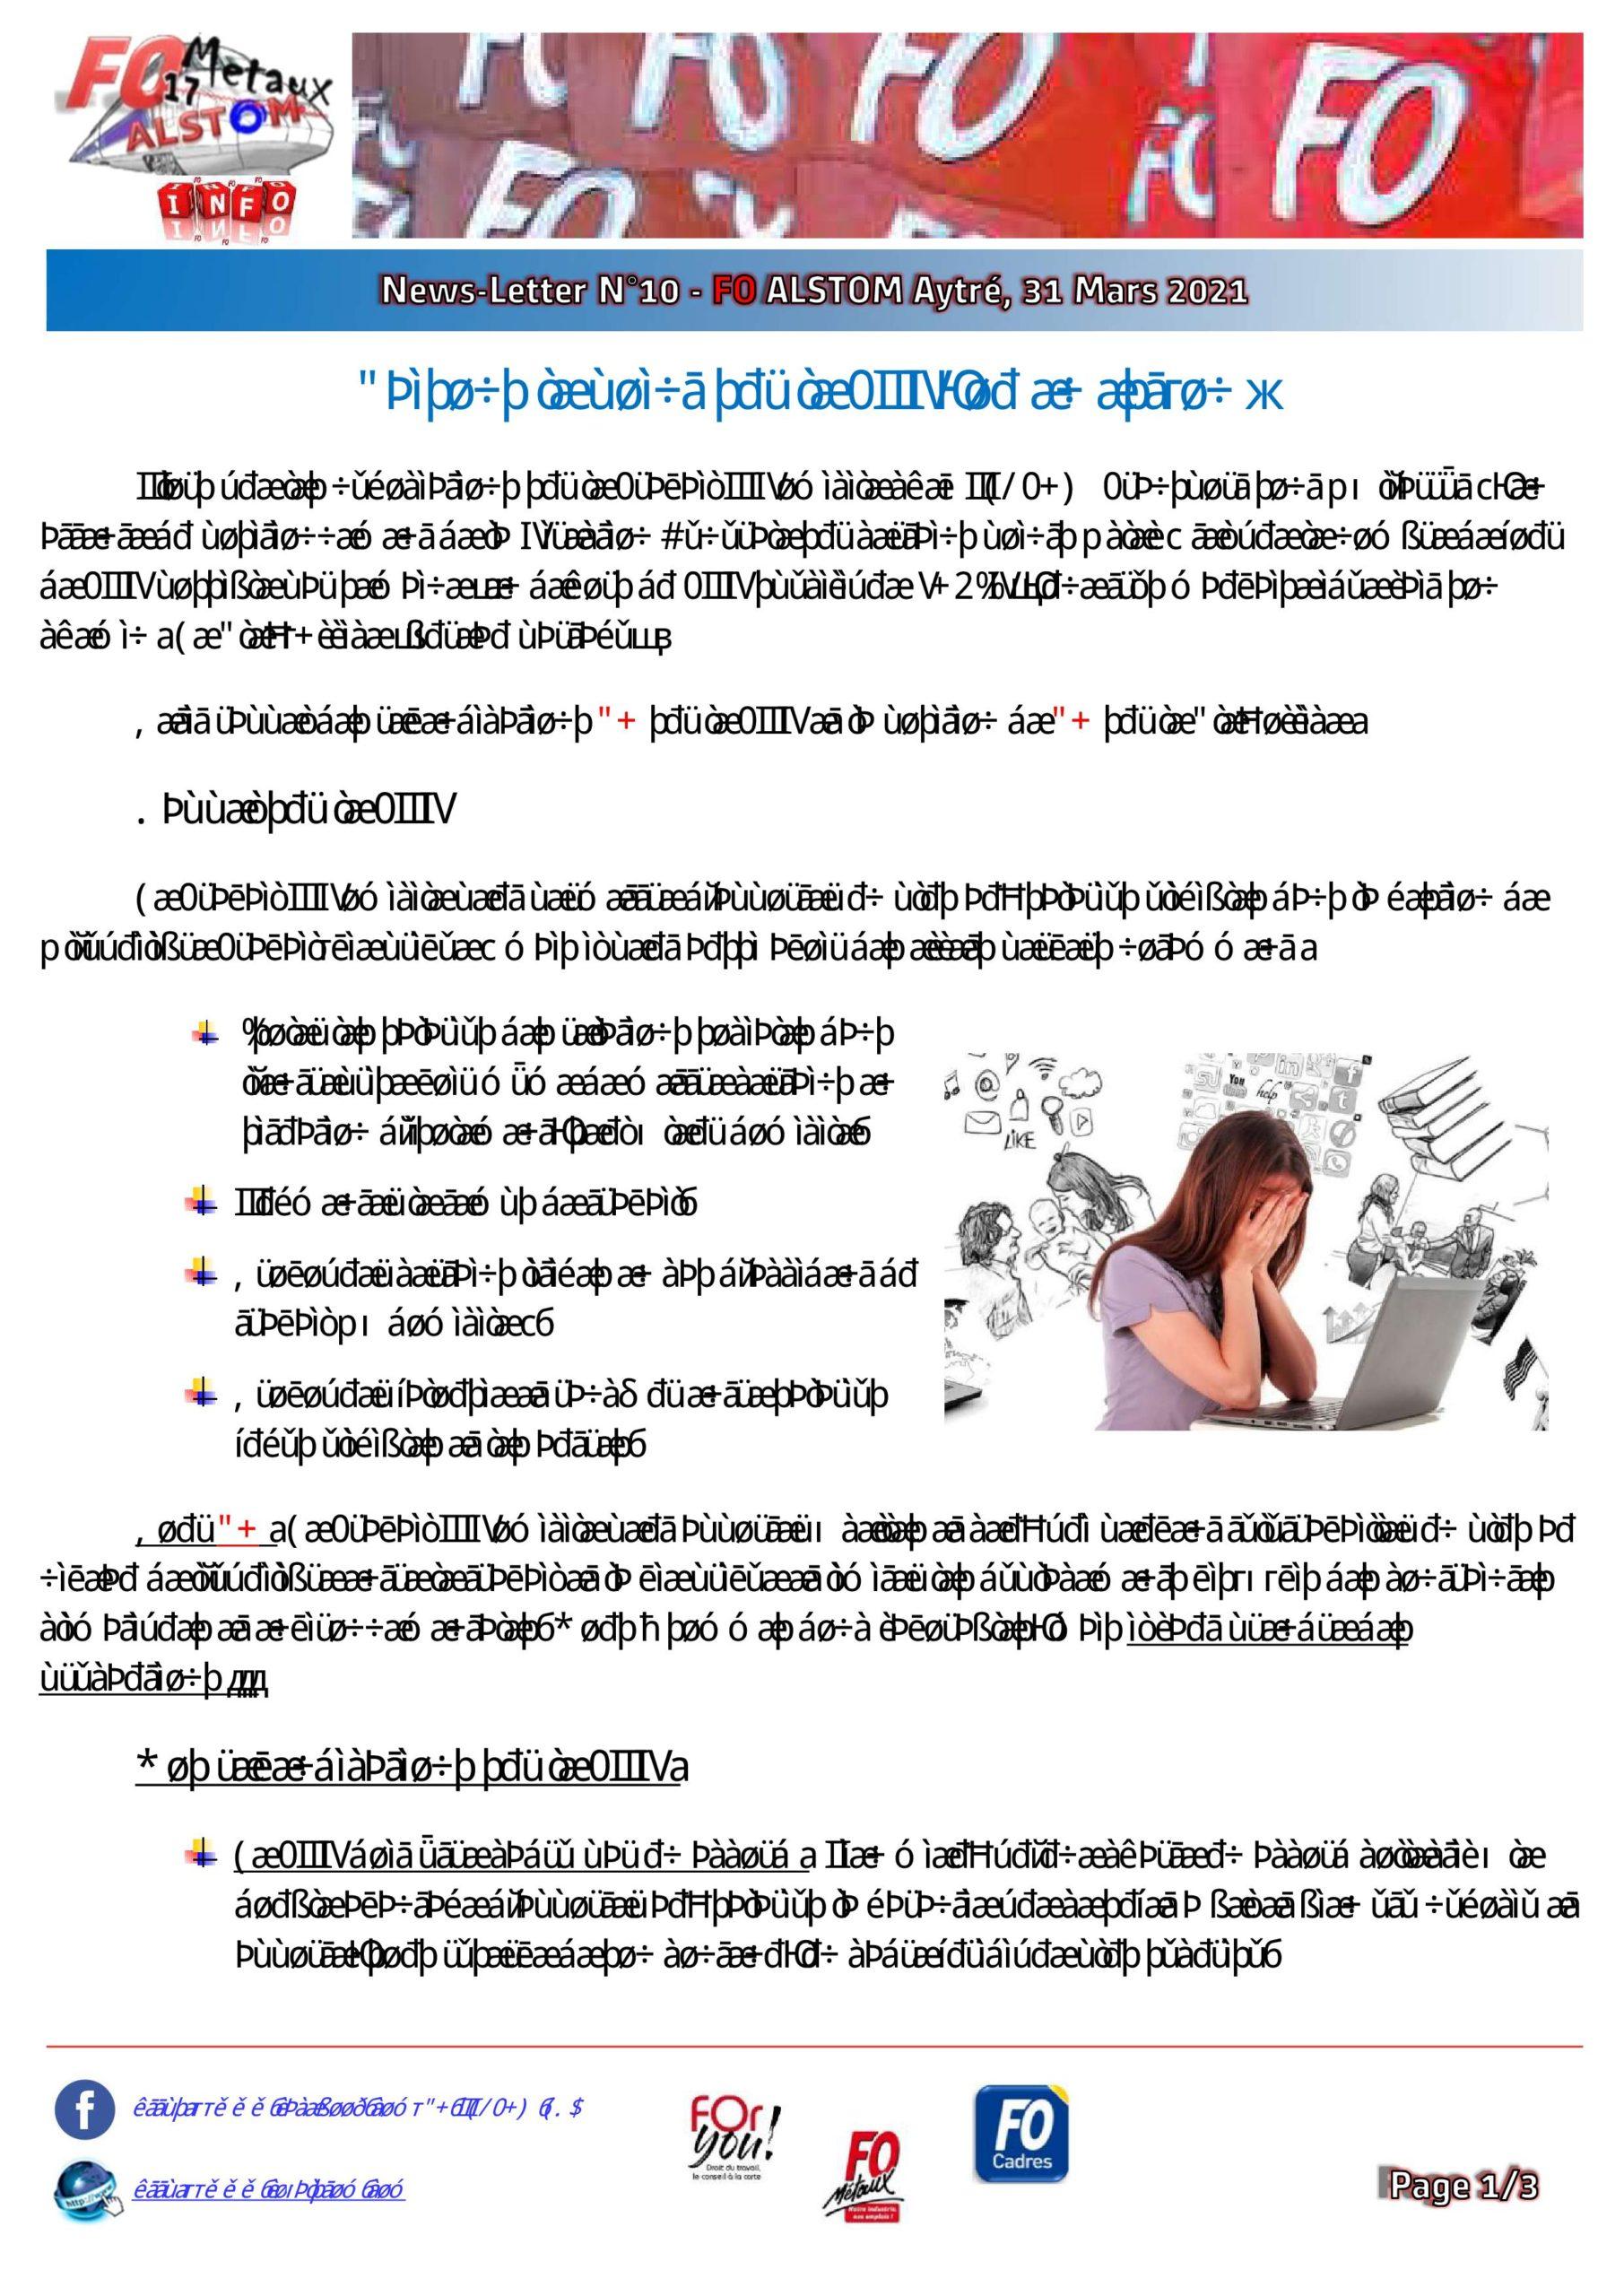 Newletters-FO-ALSTOM-LRH-10-20210331.pdf